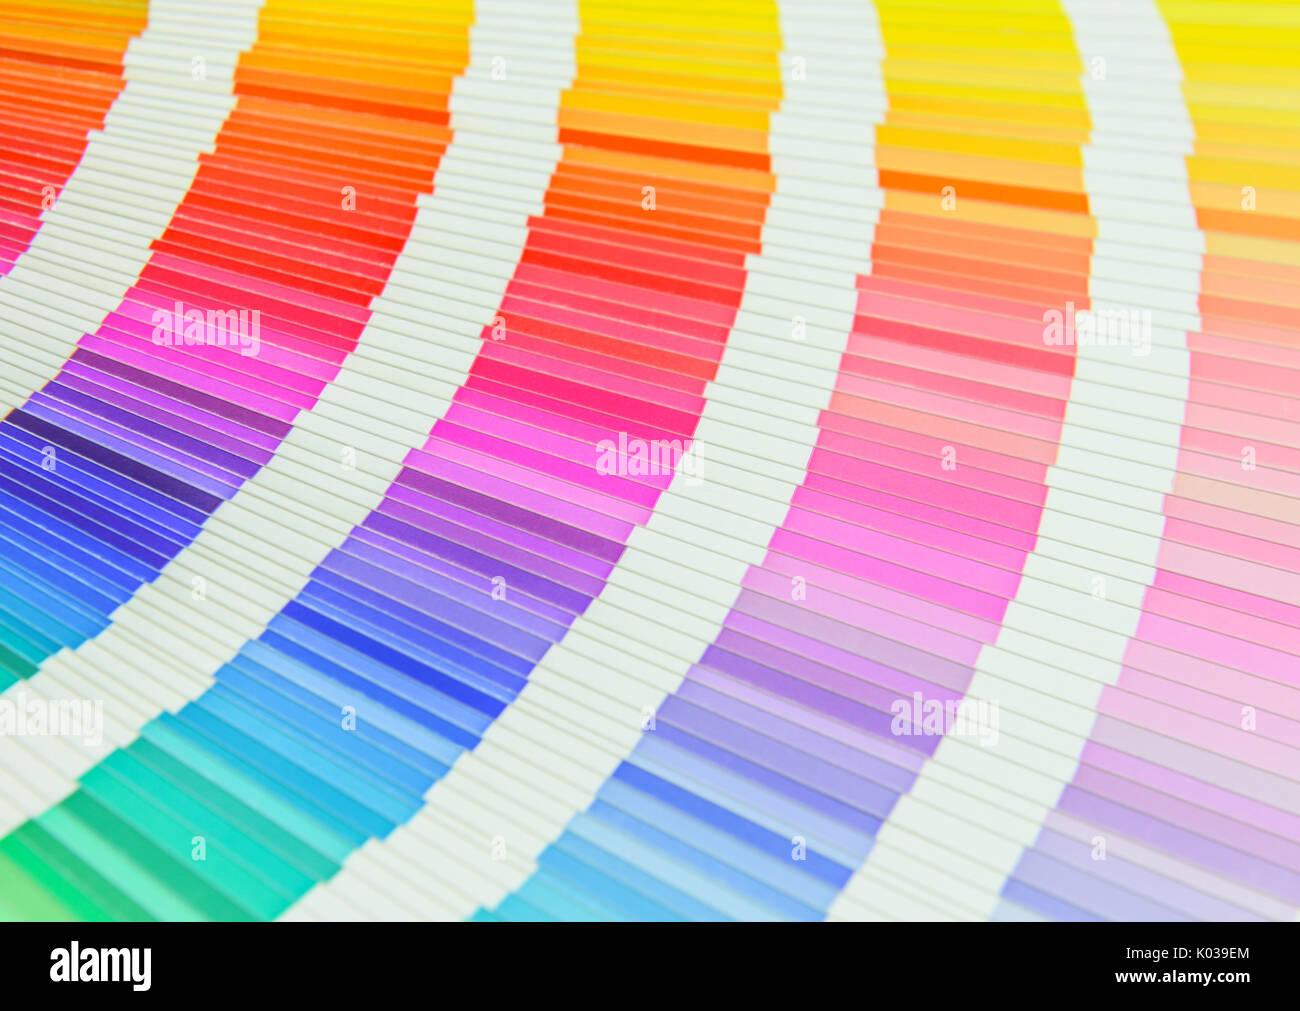 Hermoso libro de muestras de color Foto & Imagen De Stock: 154966636 ...